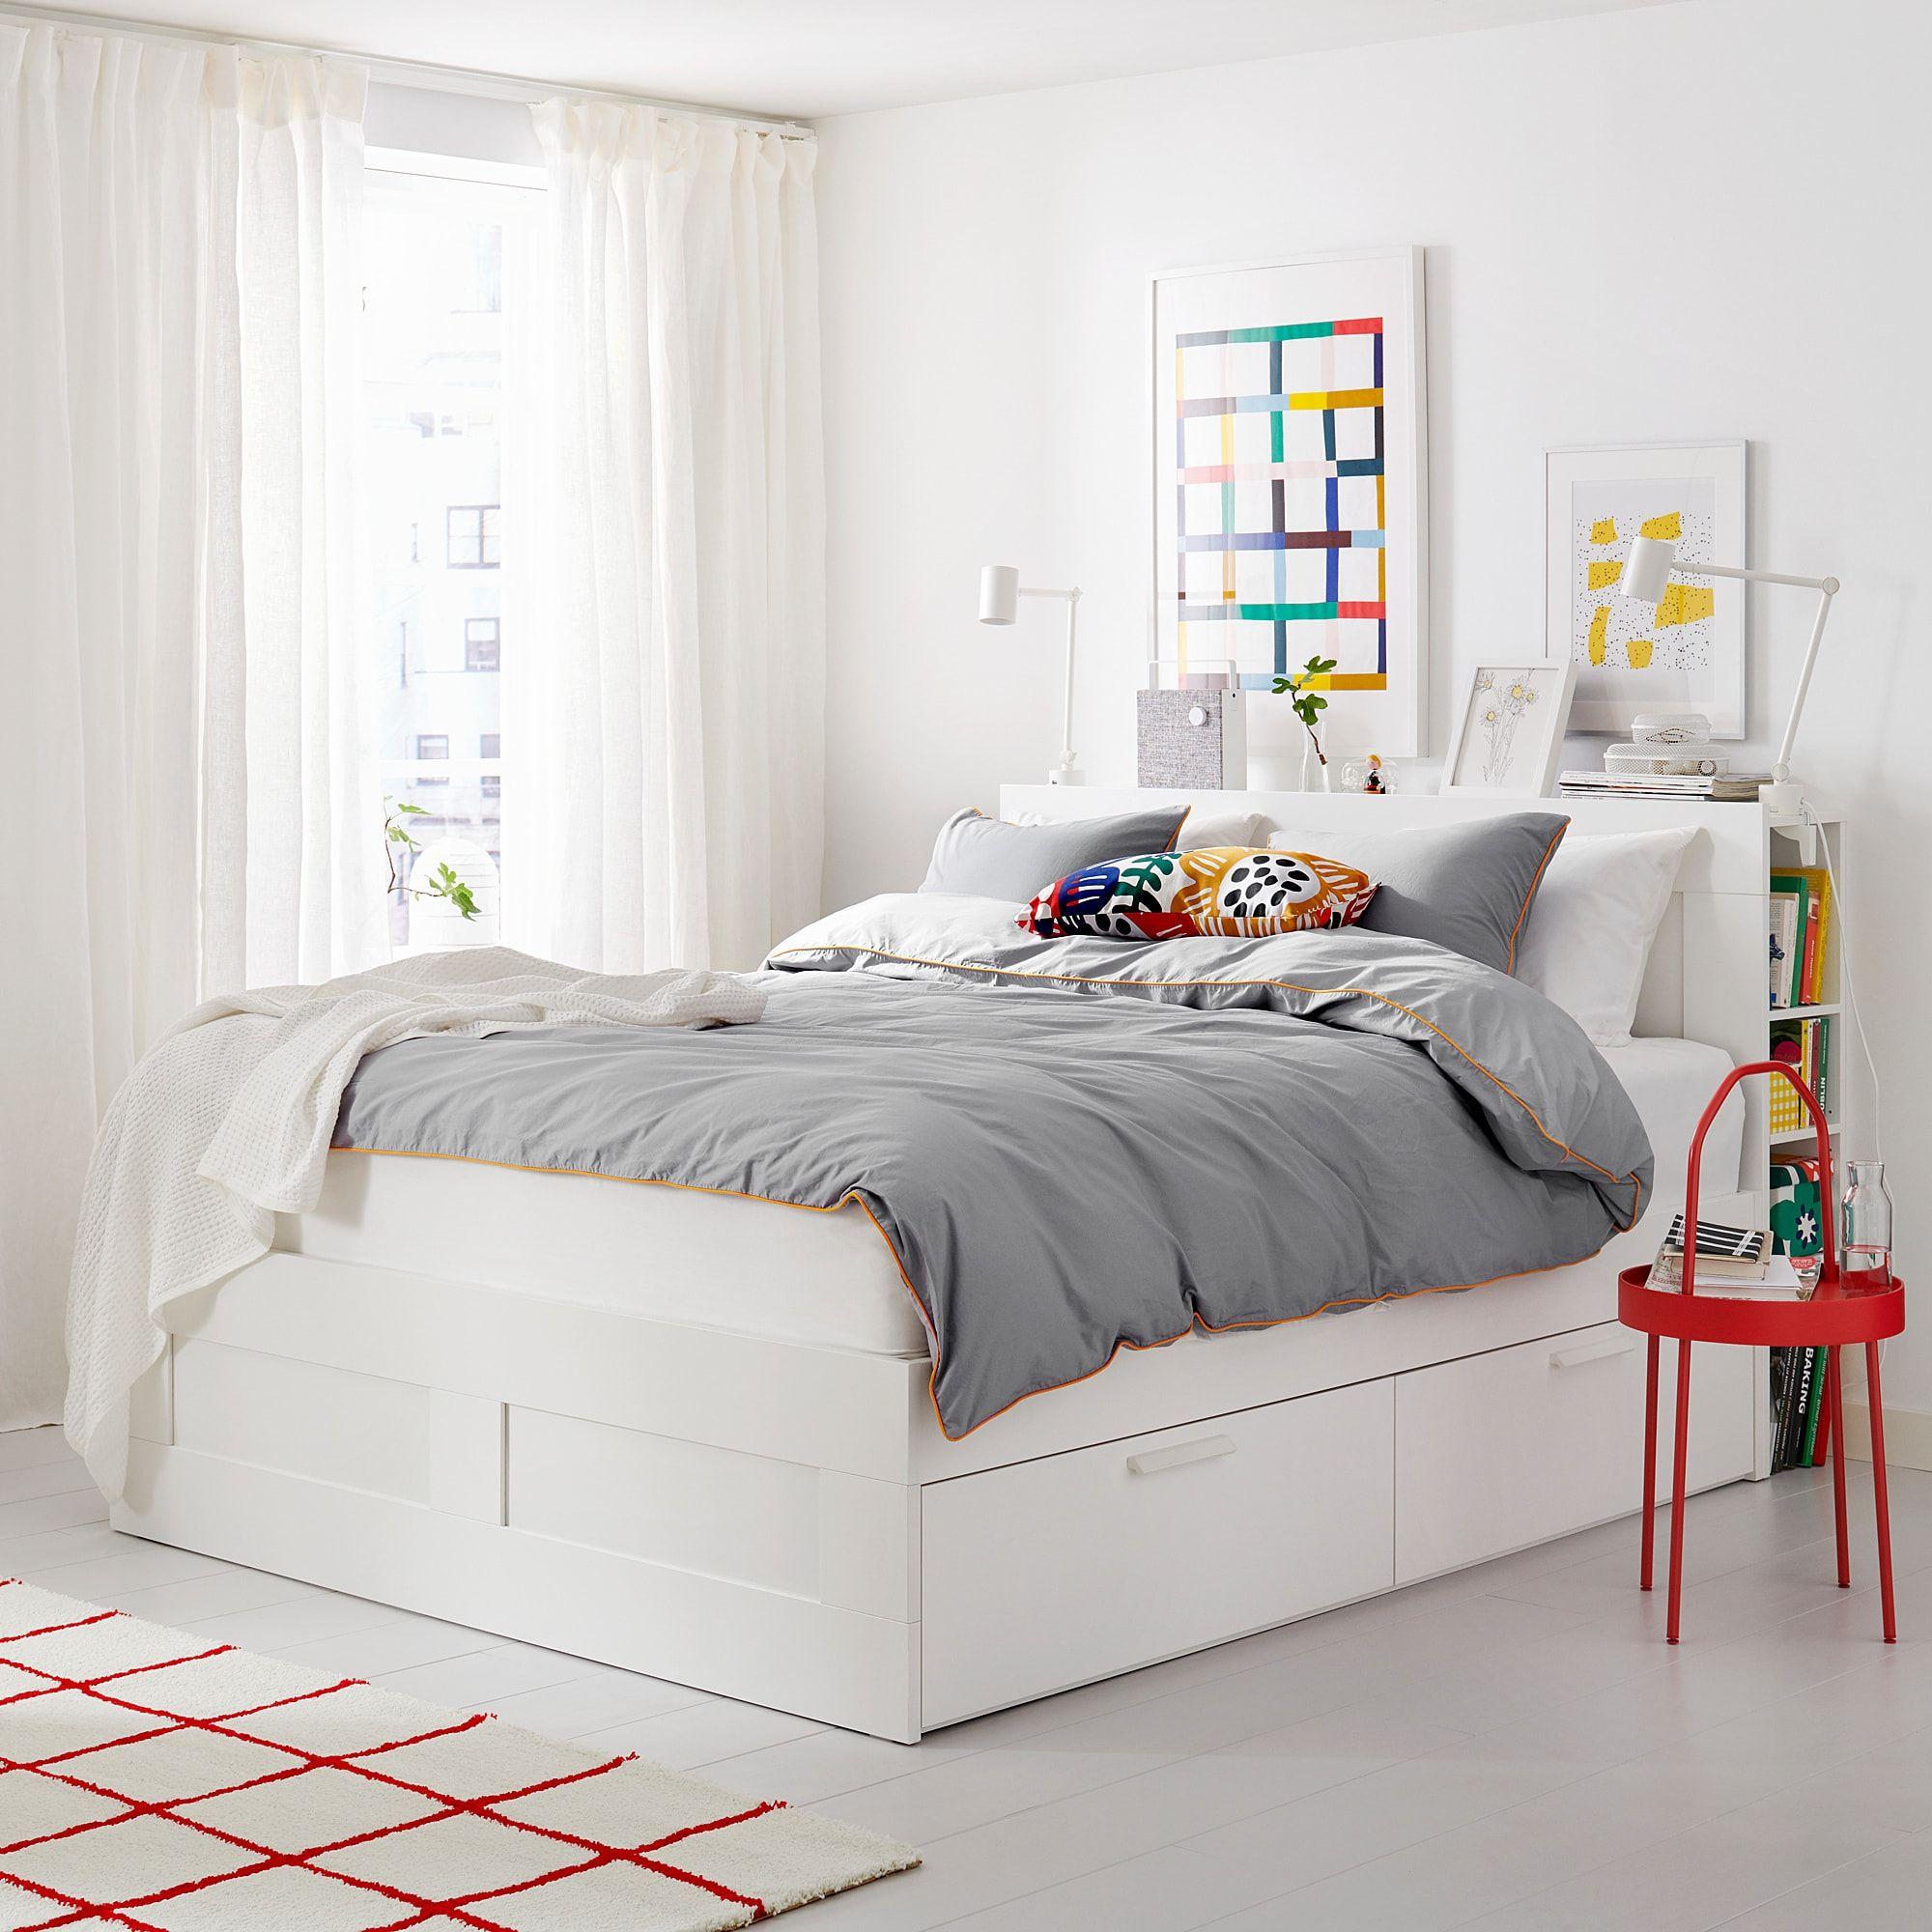 Brimnes Bed Frame With Storage Headboard White Full Ikea In 2020 Bed Frame With Storage White Bed Frame Headboard Storage,Small Kids Bedroom Storage Ideas